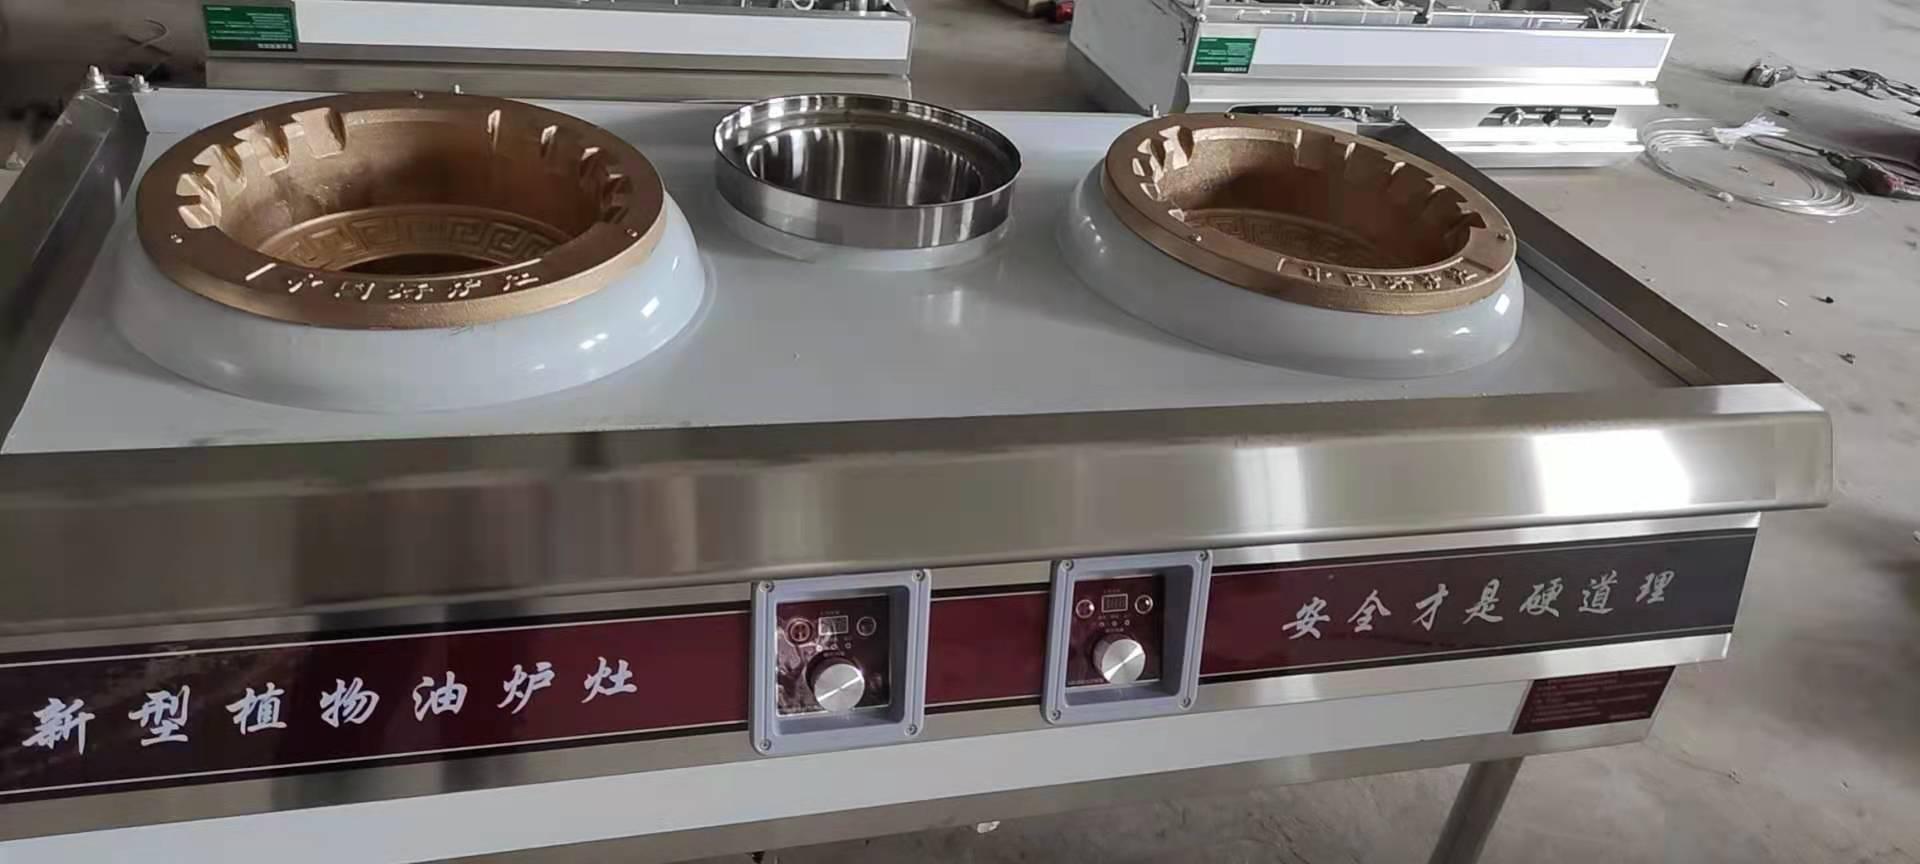 定西靜音植物油燃料灶具技術配方熱值高